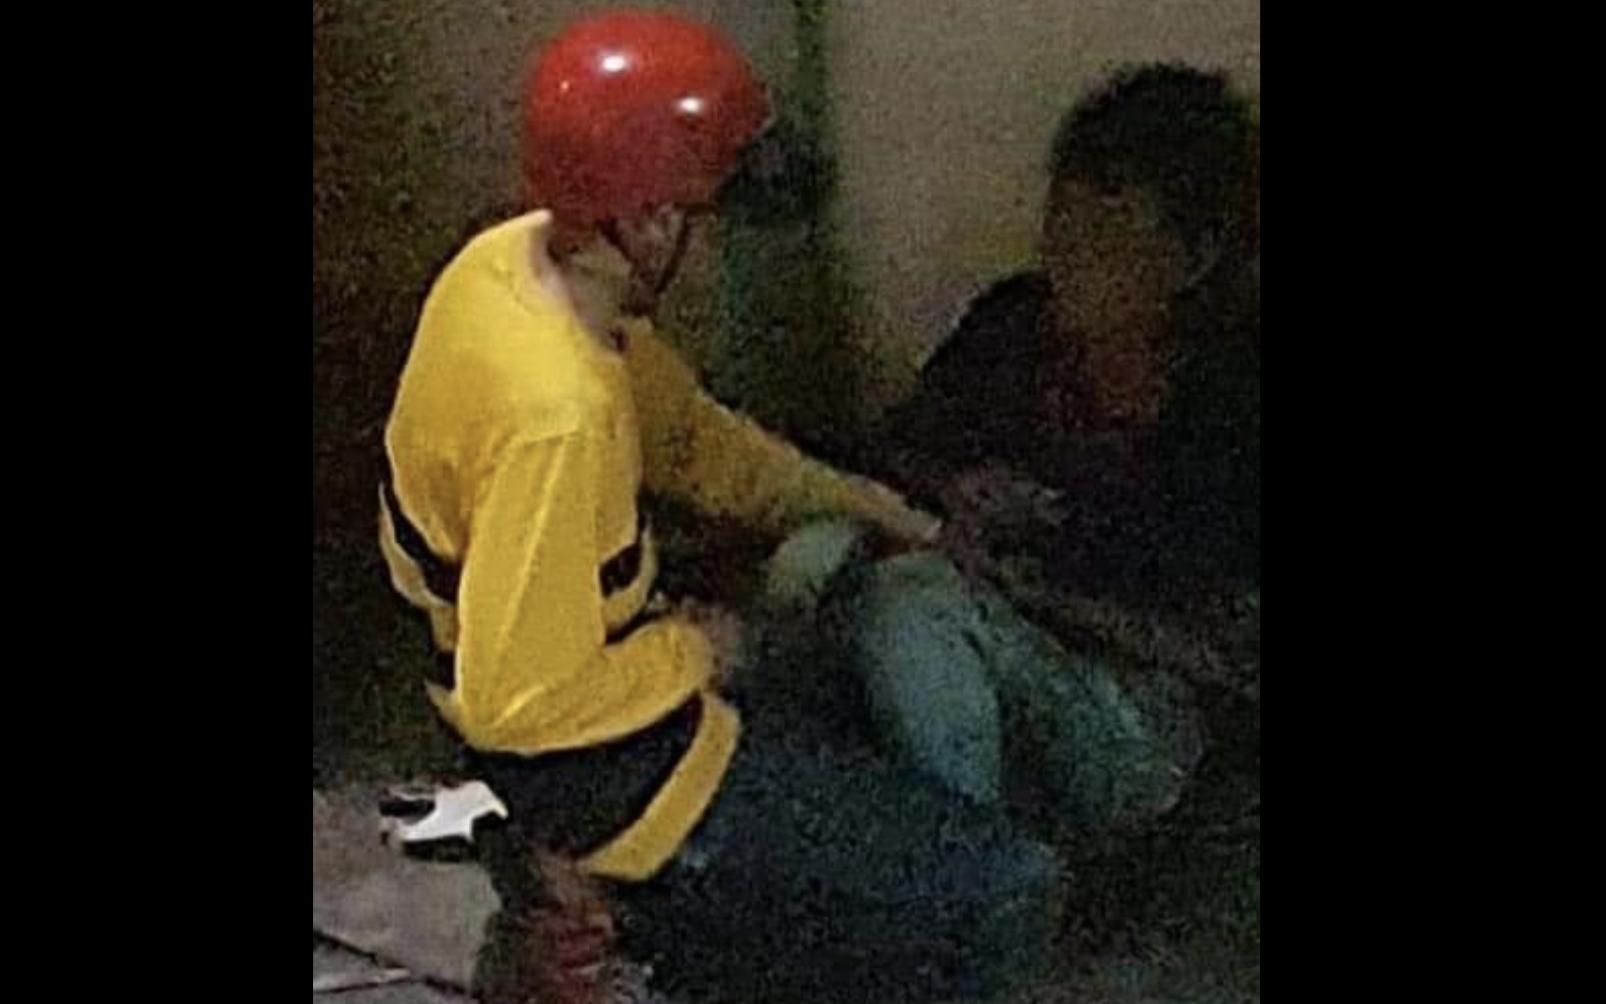 Thực hư việc thanh niên mặc áo hãng xe công nghệ beGroup uy hiếp, cưỡng bức cô gái trong hẻm ở TP.HCM